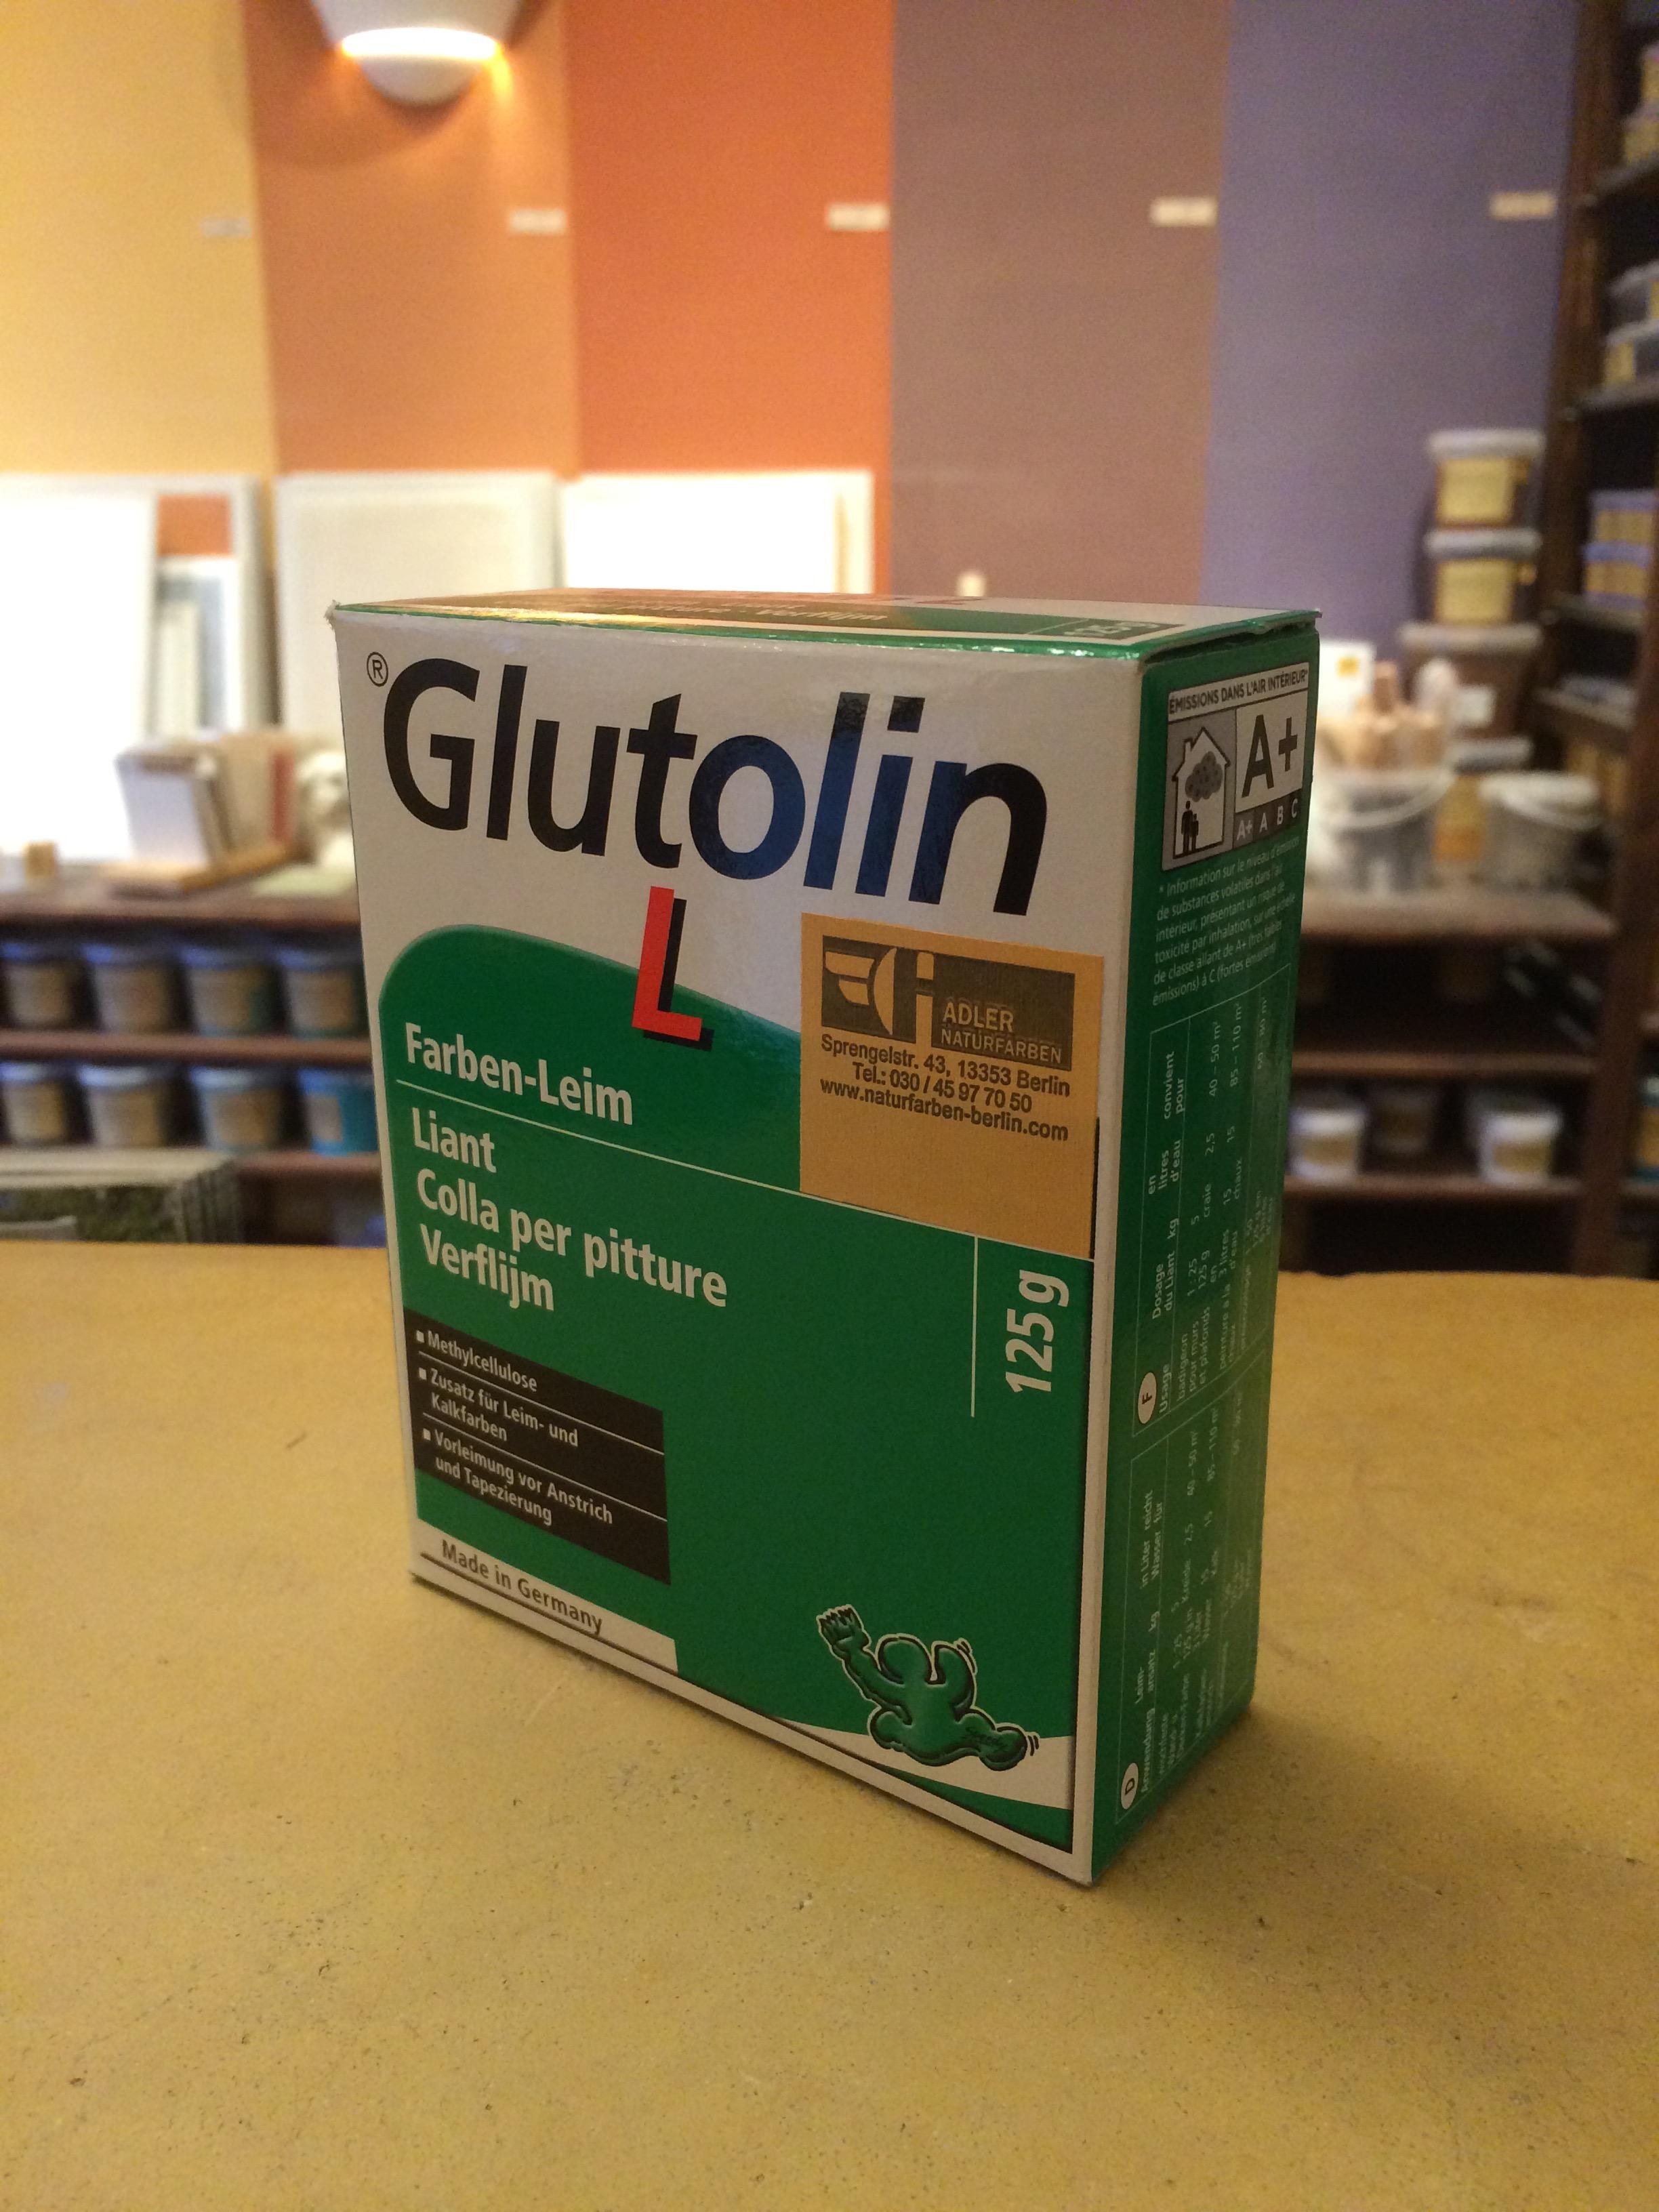 Glutolin L Farbenleim